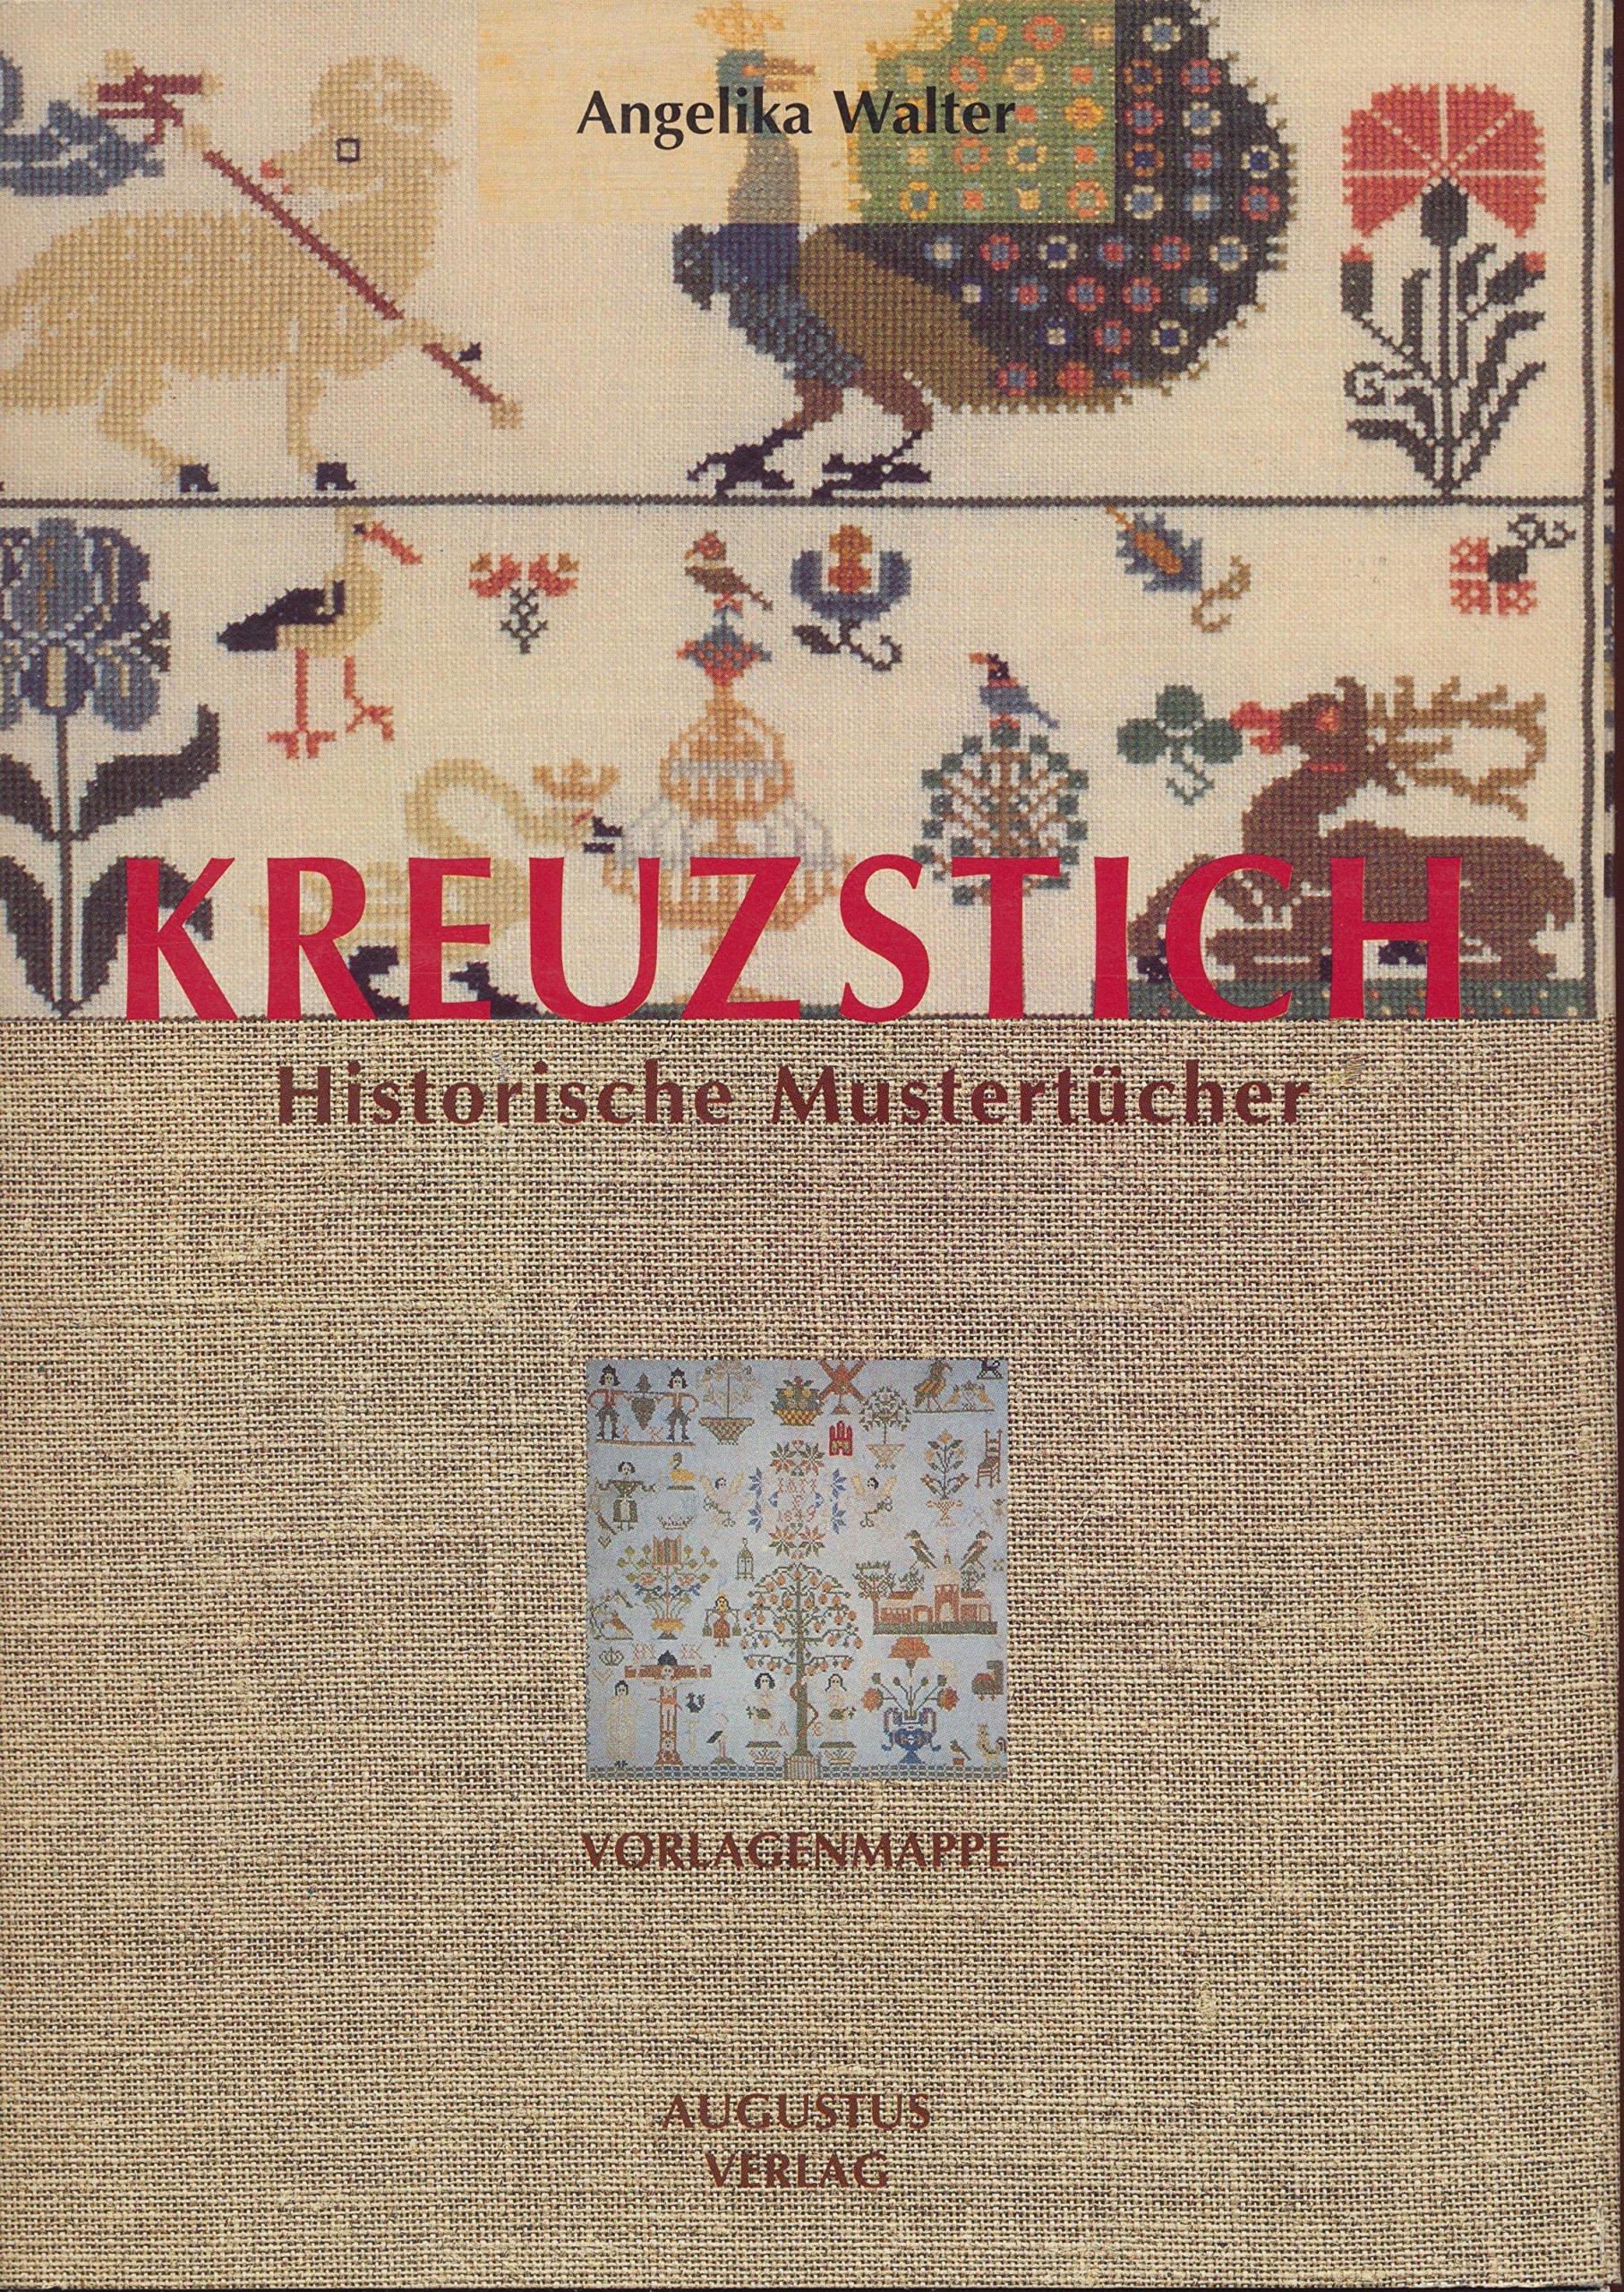 Kreuzstich Historische Mustertücher. Vorlagenmappe. Enthält 7 Vorlagebögen und ein Begleitheft, 31 S